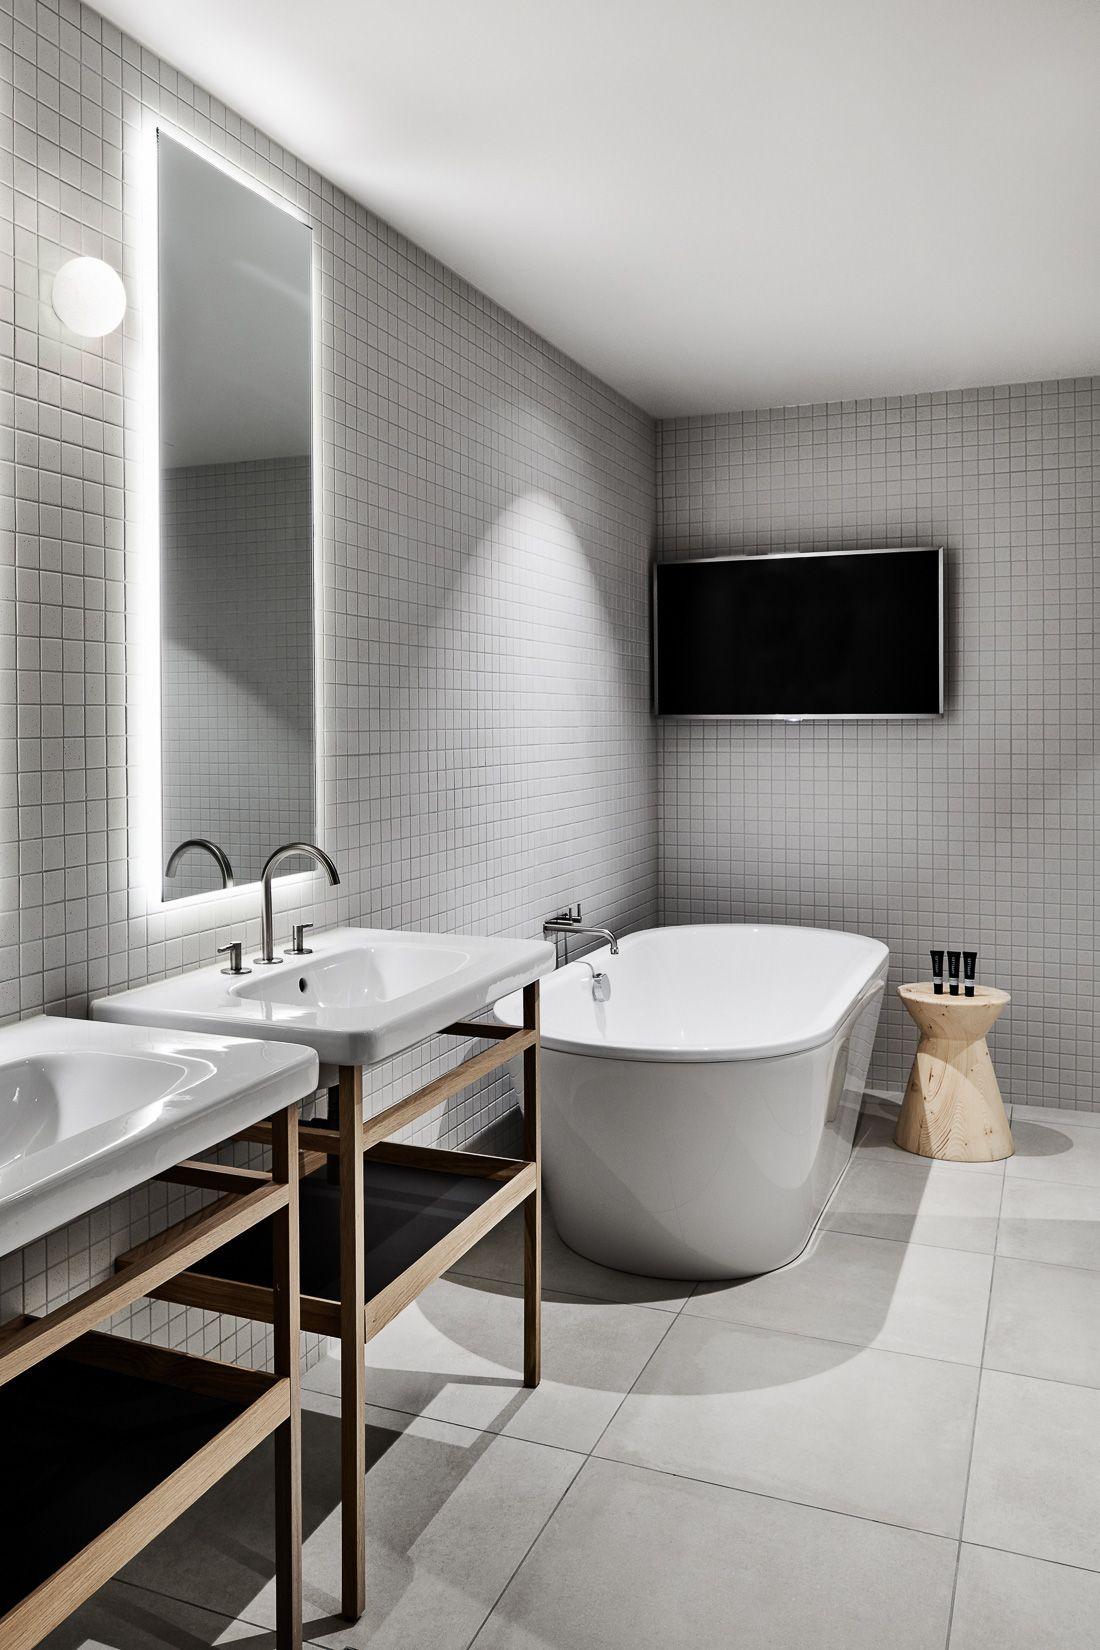 Badezimmer ideen 2018 bilder pin von ingrid hirschfeld auf bad in   pinterest  badezimmer